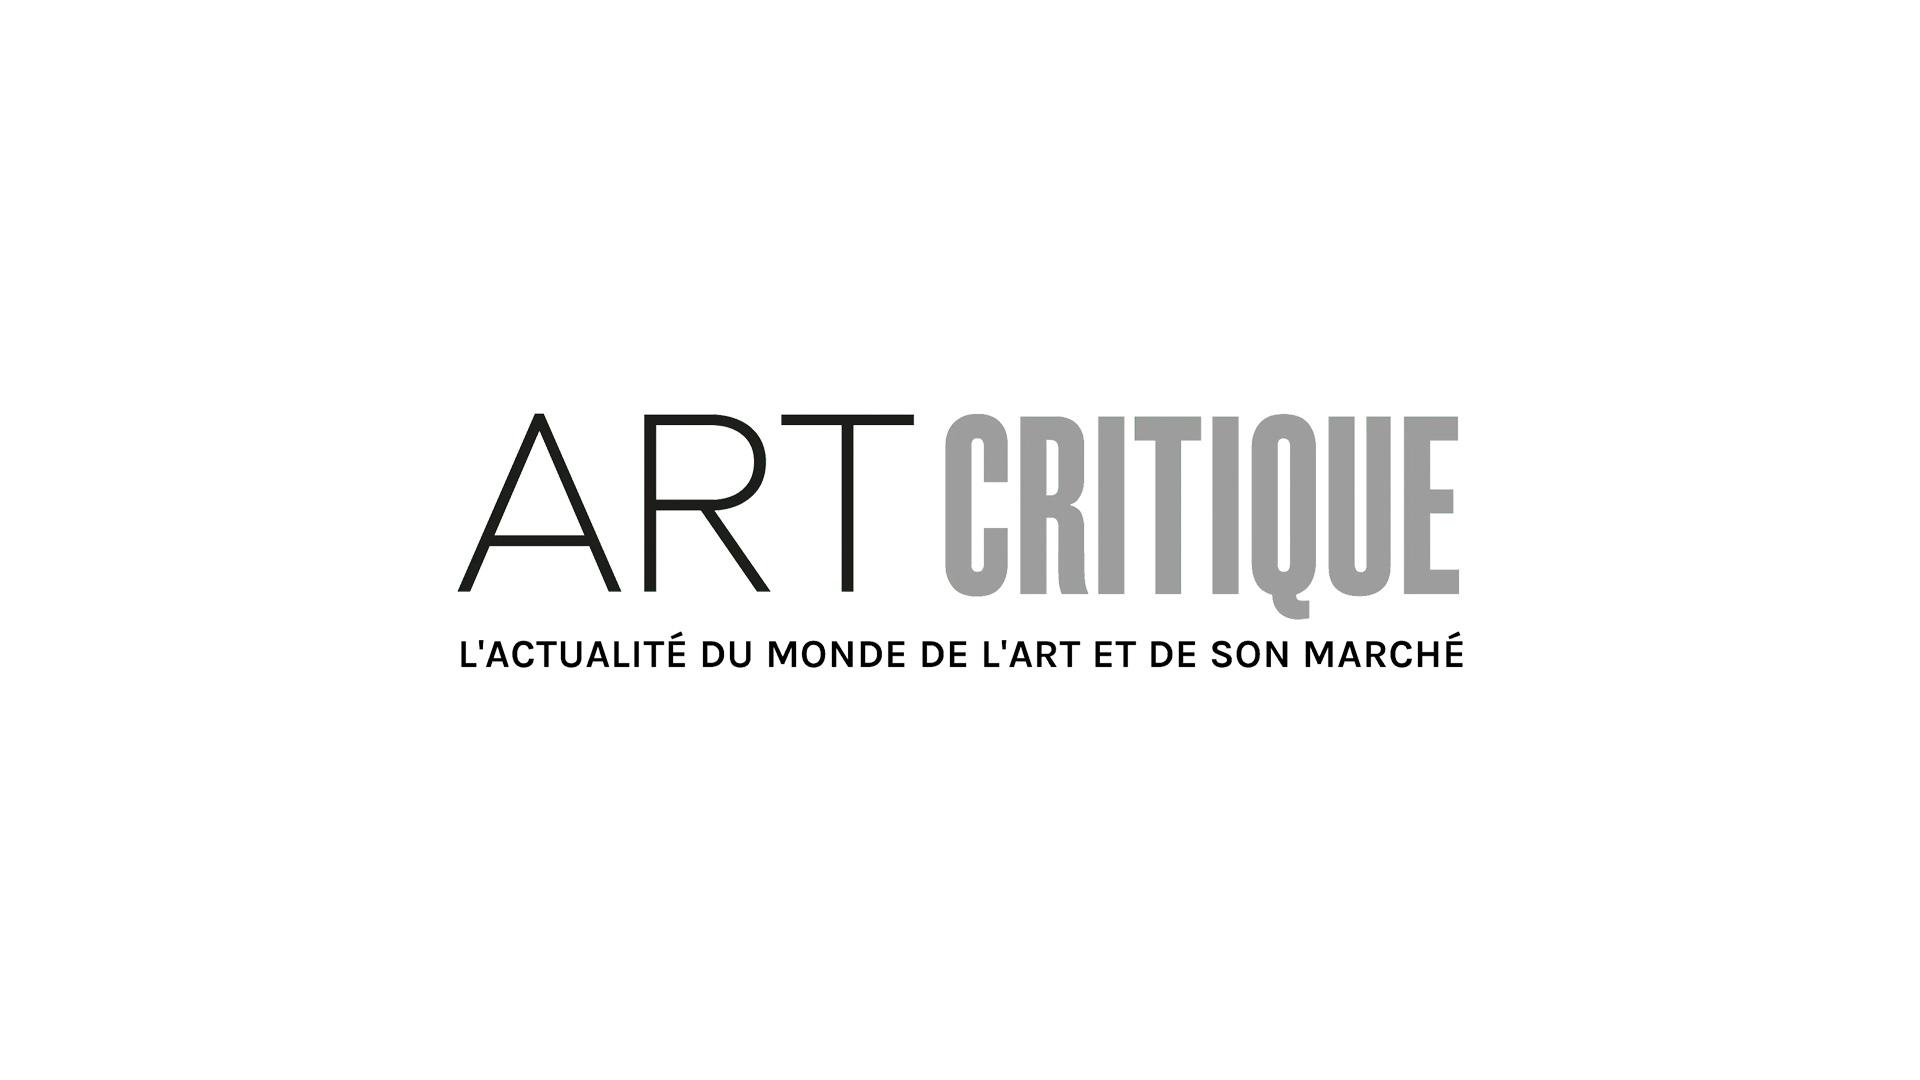 Le revolver qui a tué Van Gogh mis aux enchères